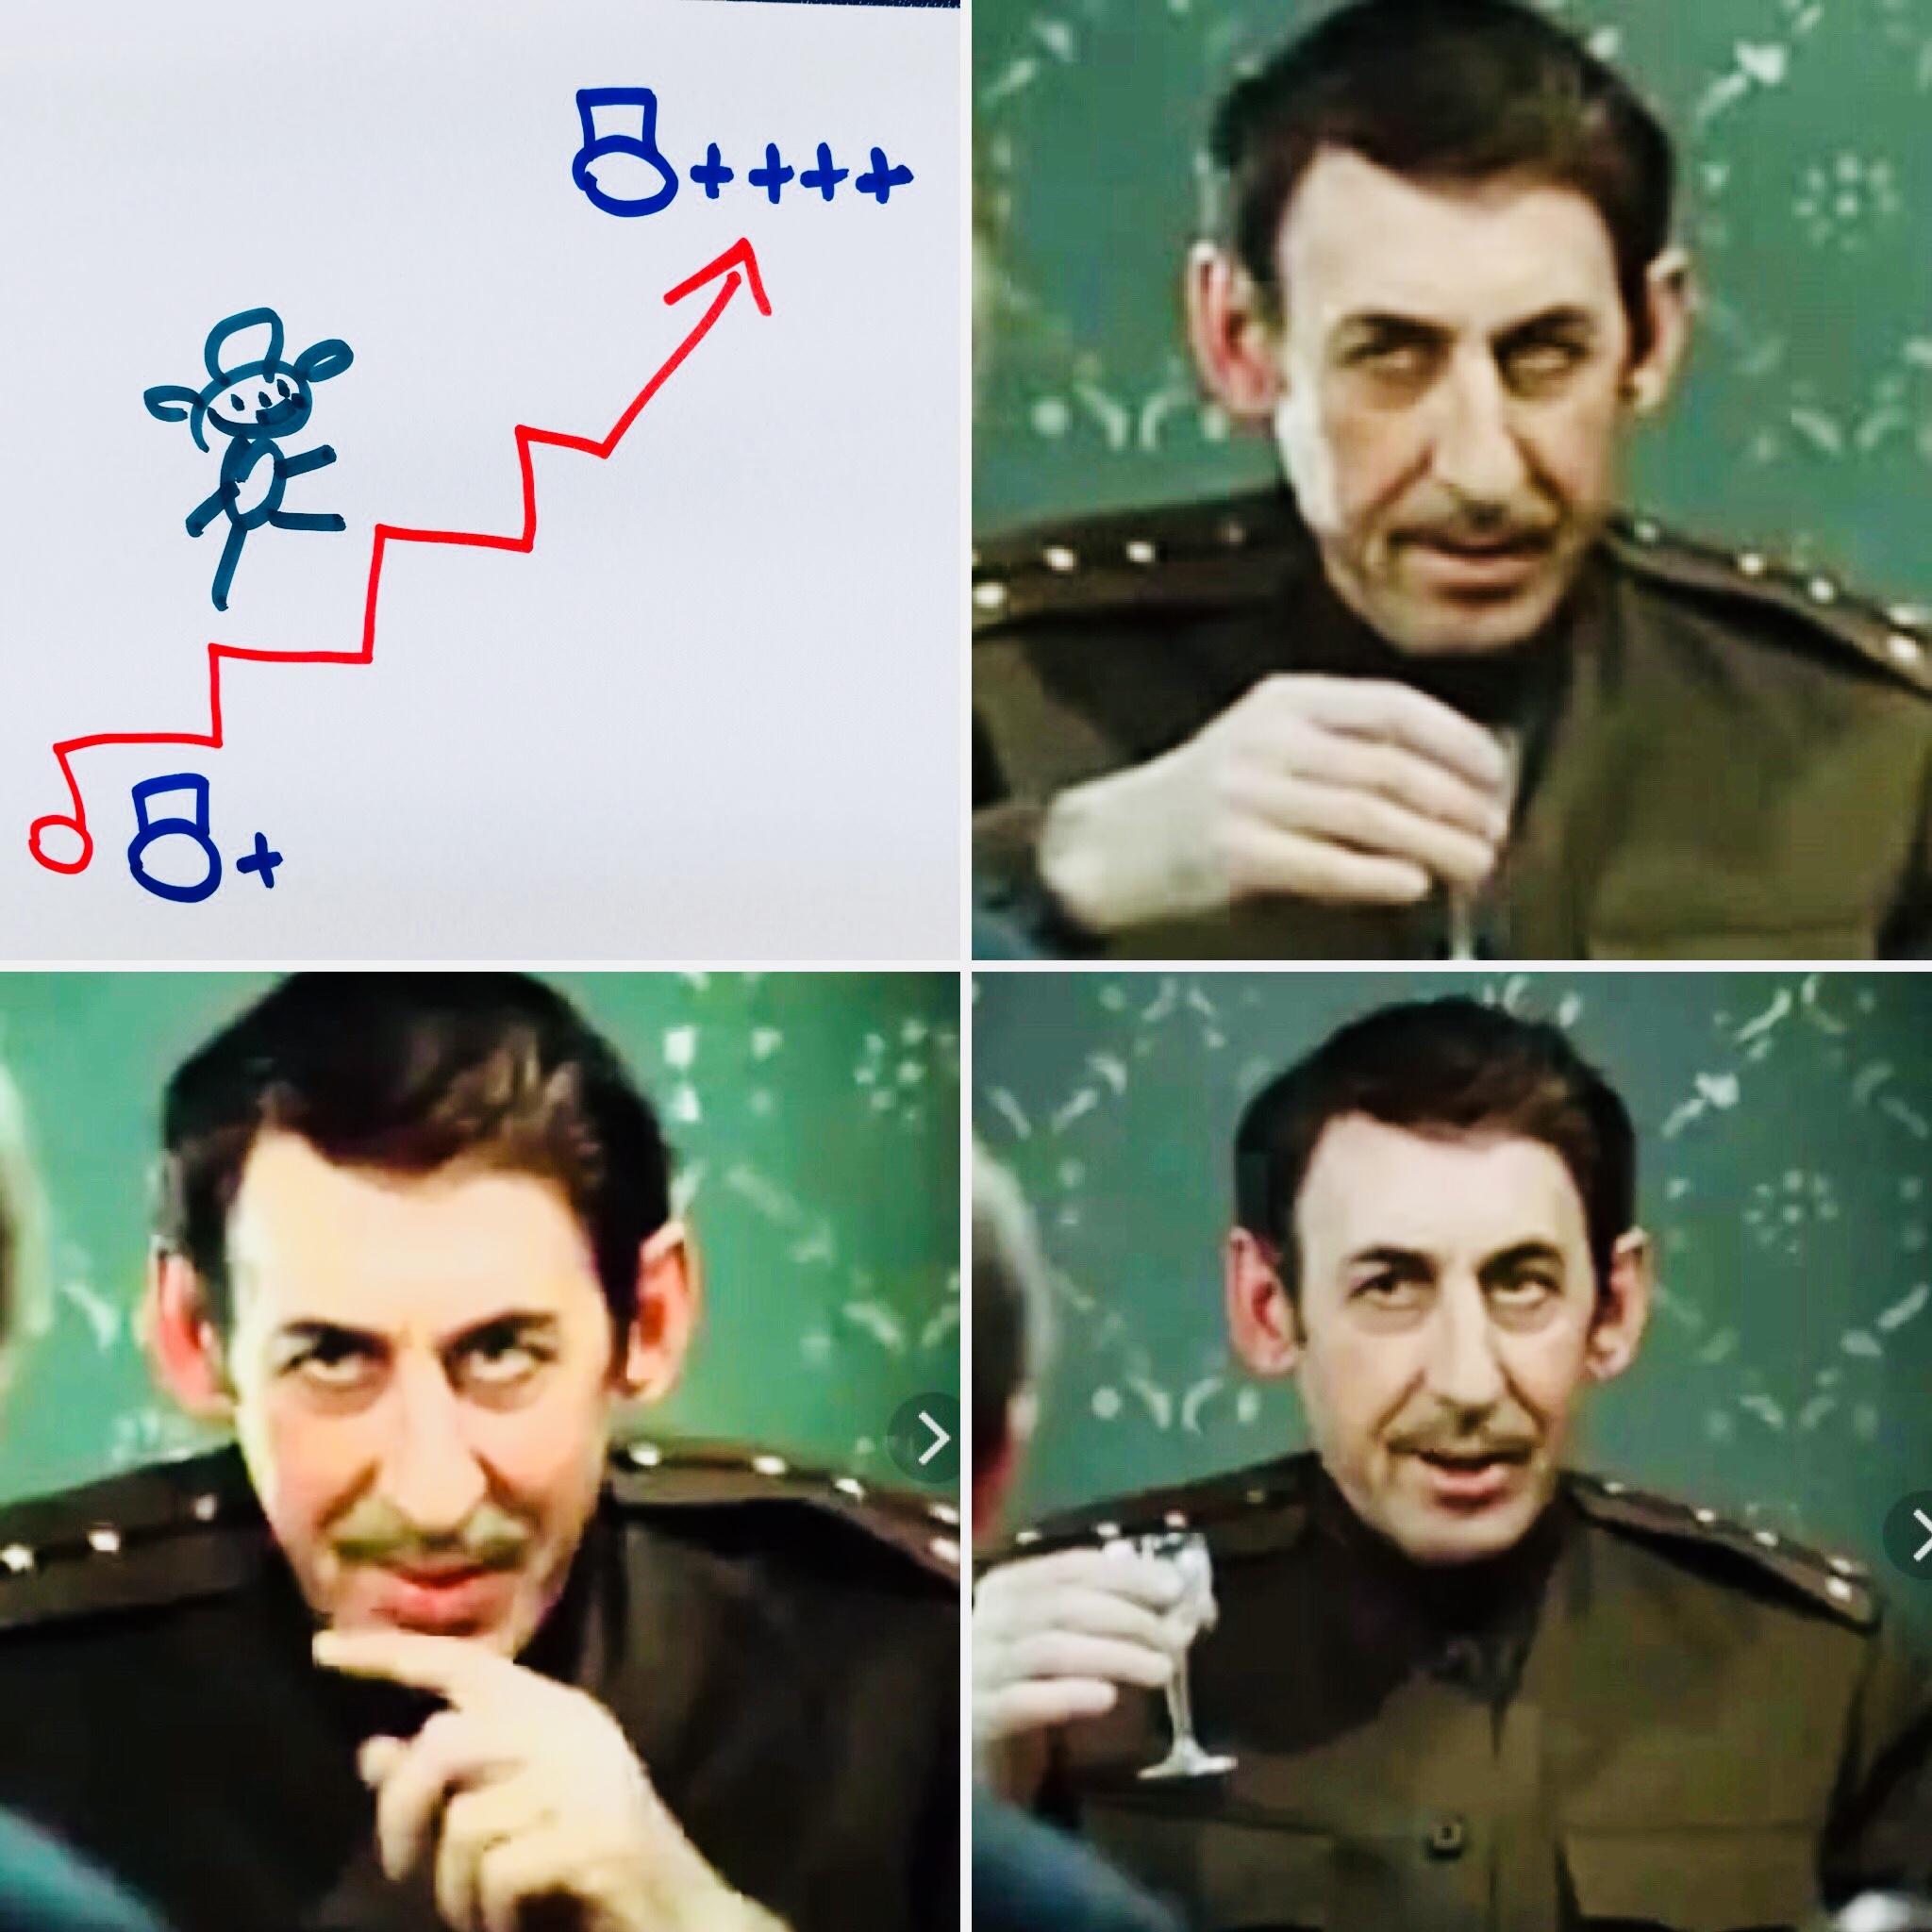 plan_razvitiya_vracha_medpred_vizitkvrachu